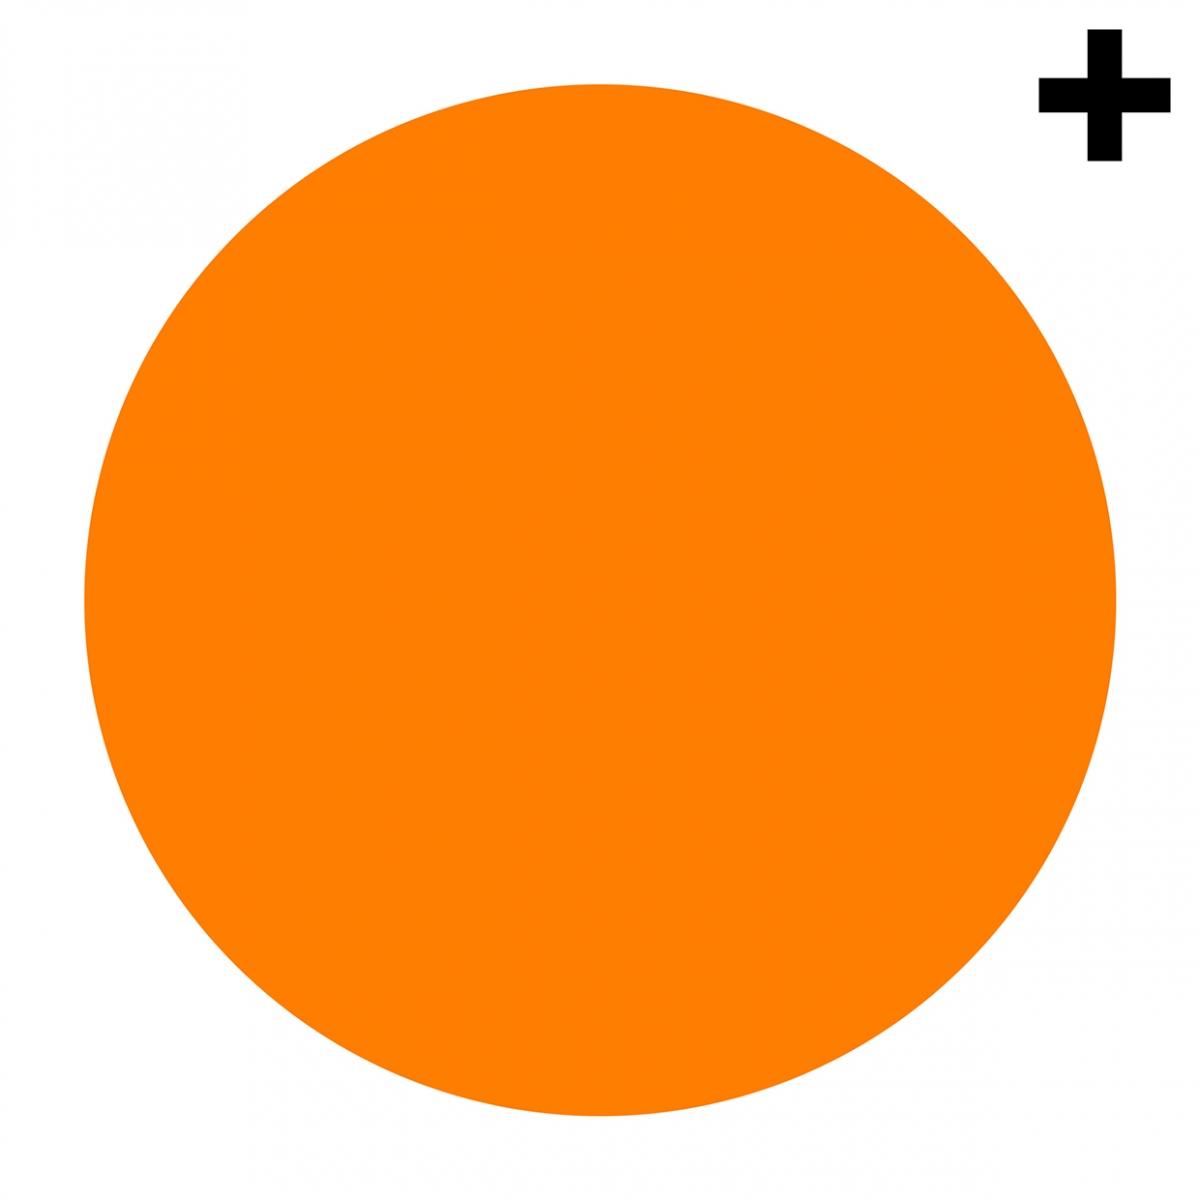 Imagen en la que se ve un círculo de color naranja